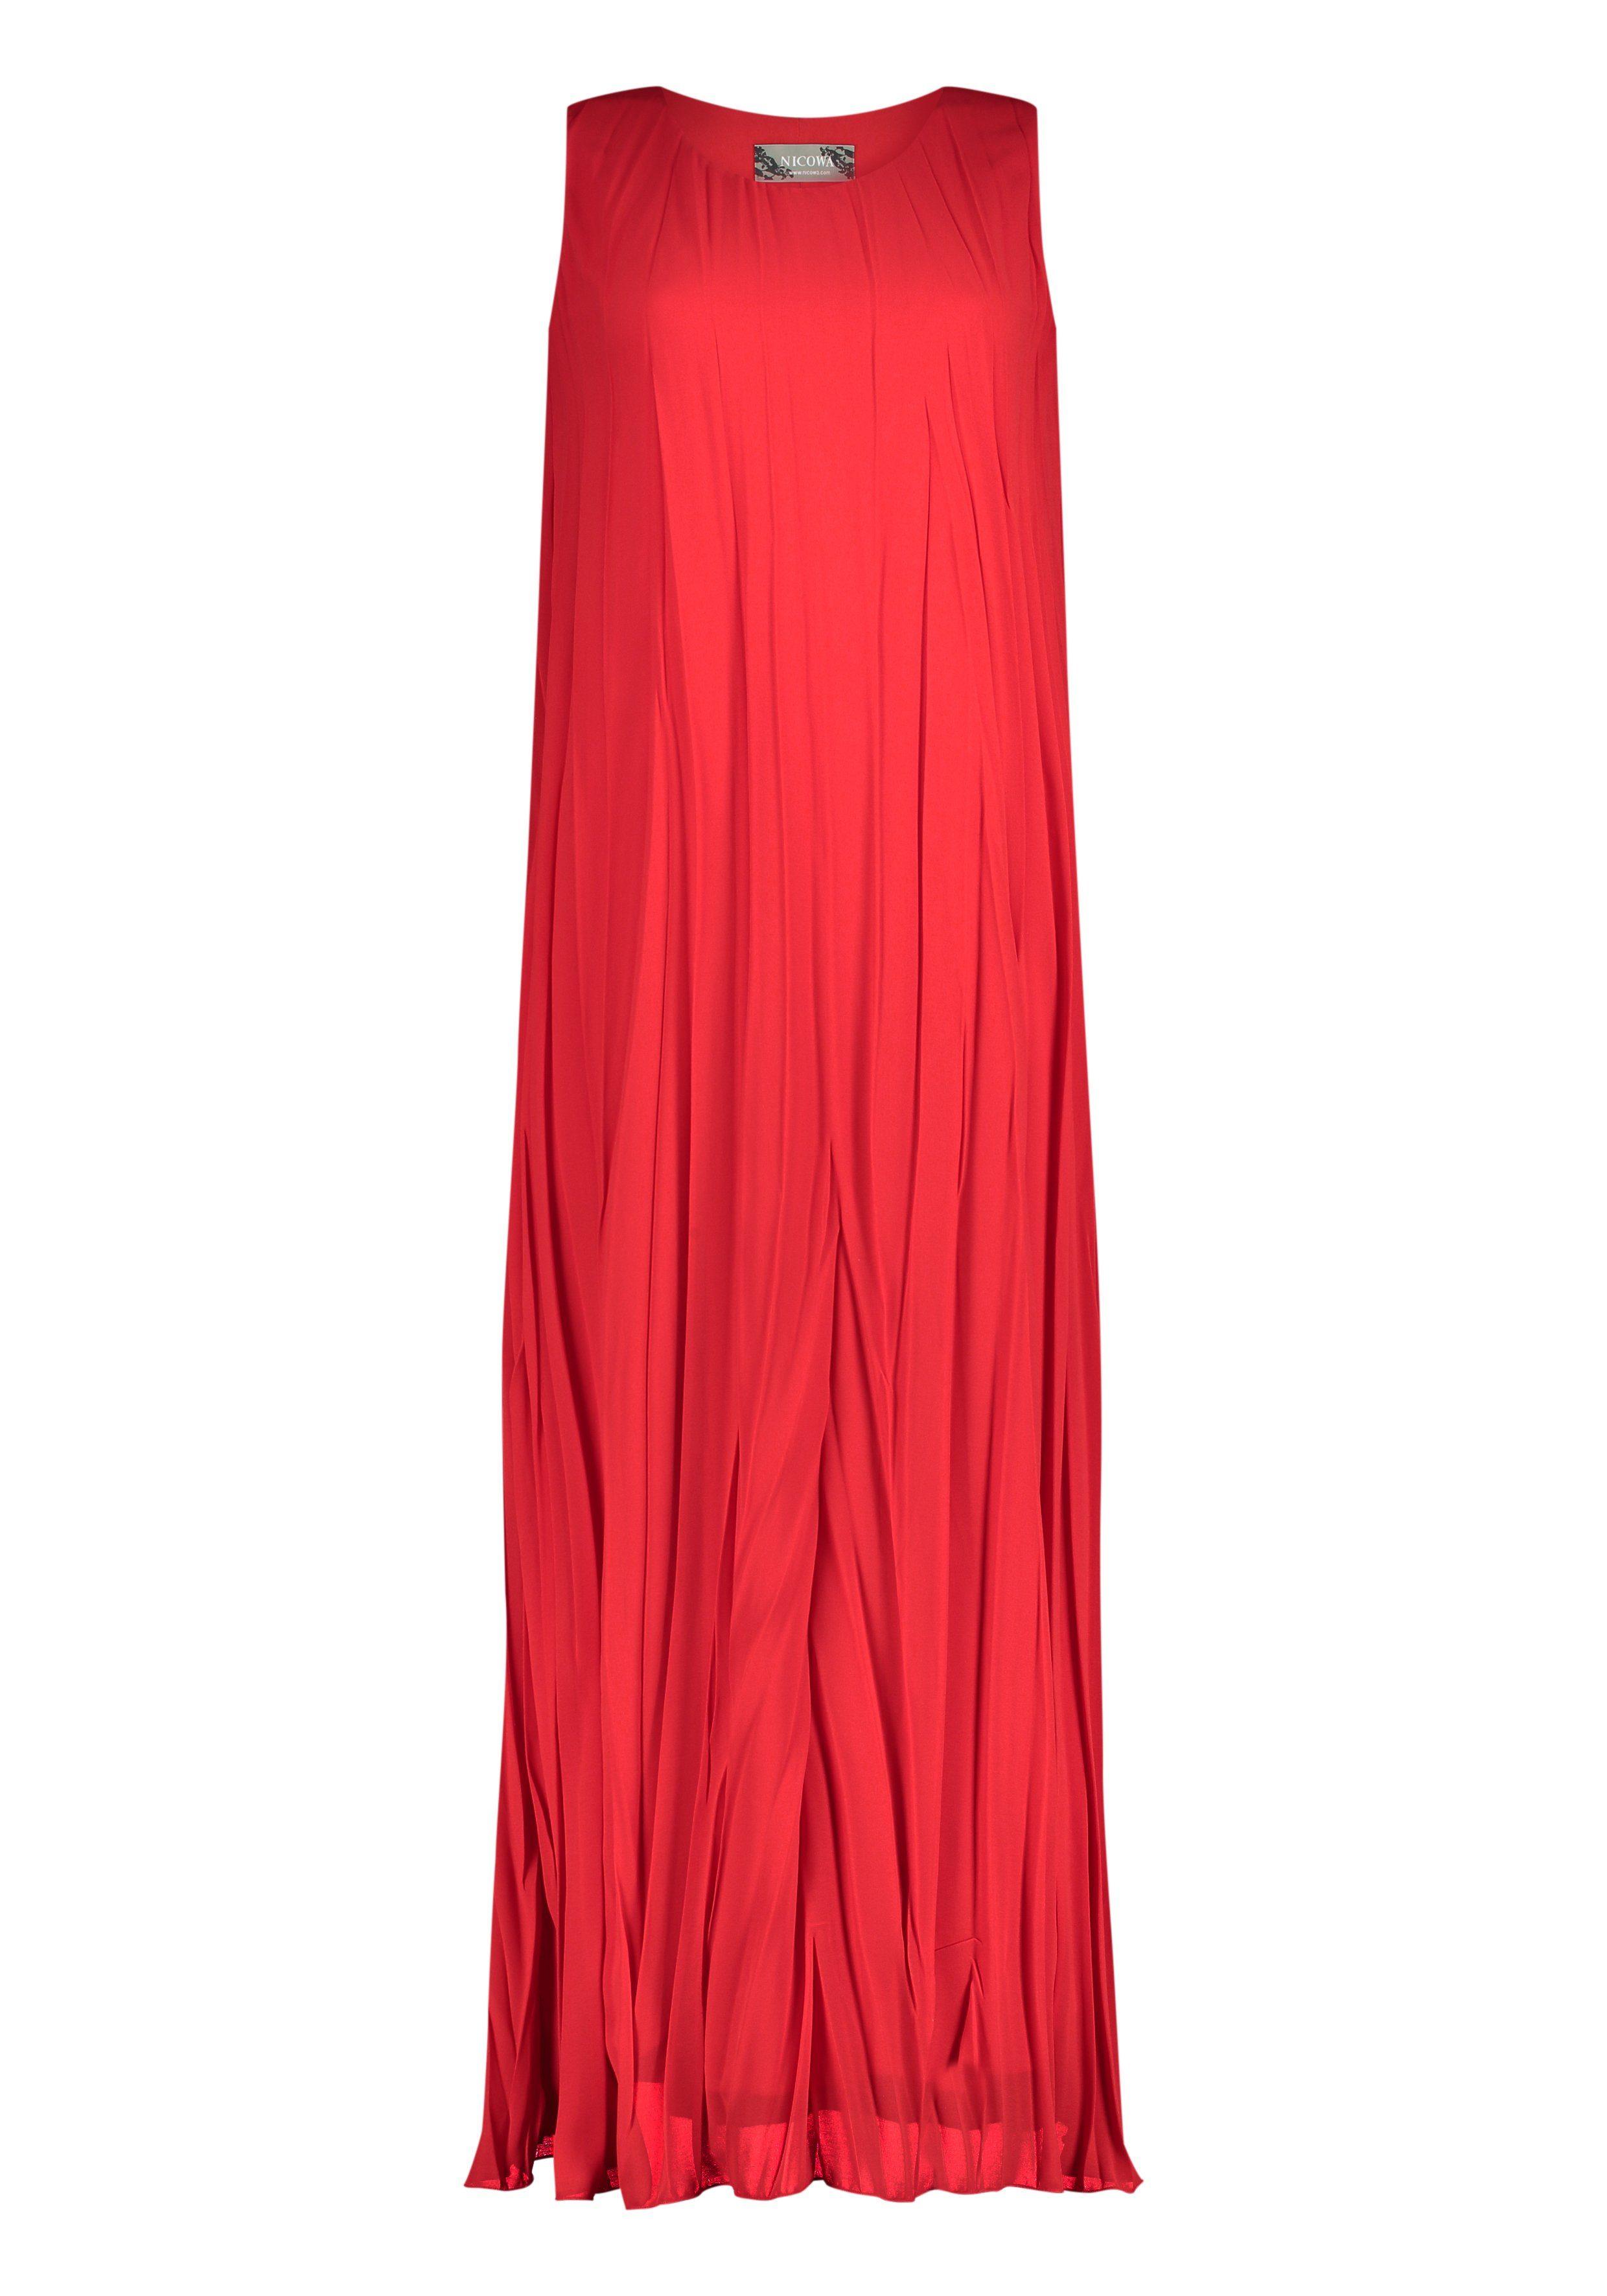 Nicowa Plisiertes und elegant fließendes Kleid NILIANA